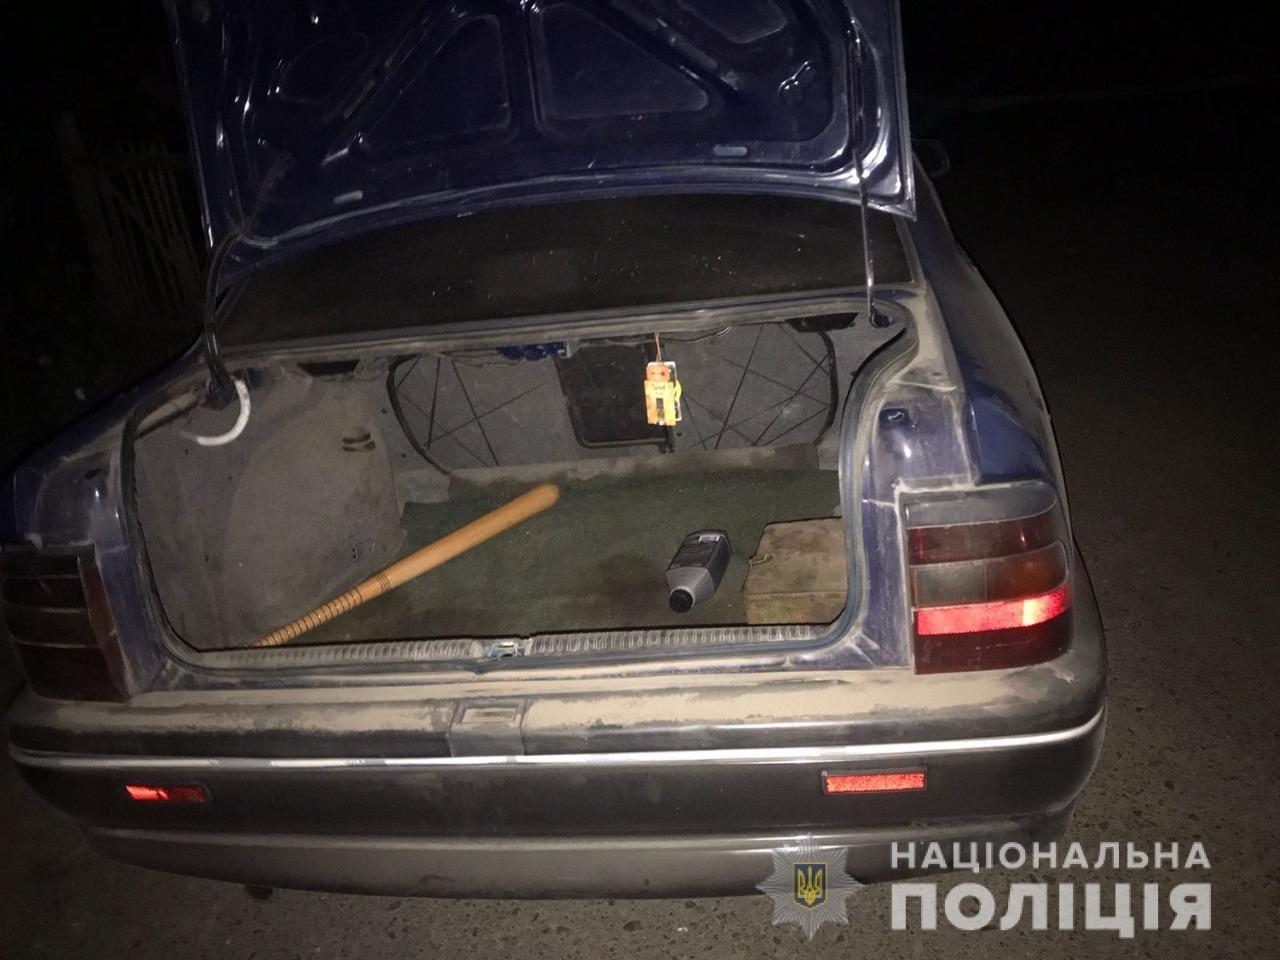 Похитили машину и требовали 3000$: в Одесской области задержали преступную группировку, - ФОТО, фото-1